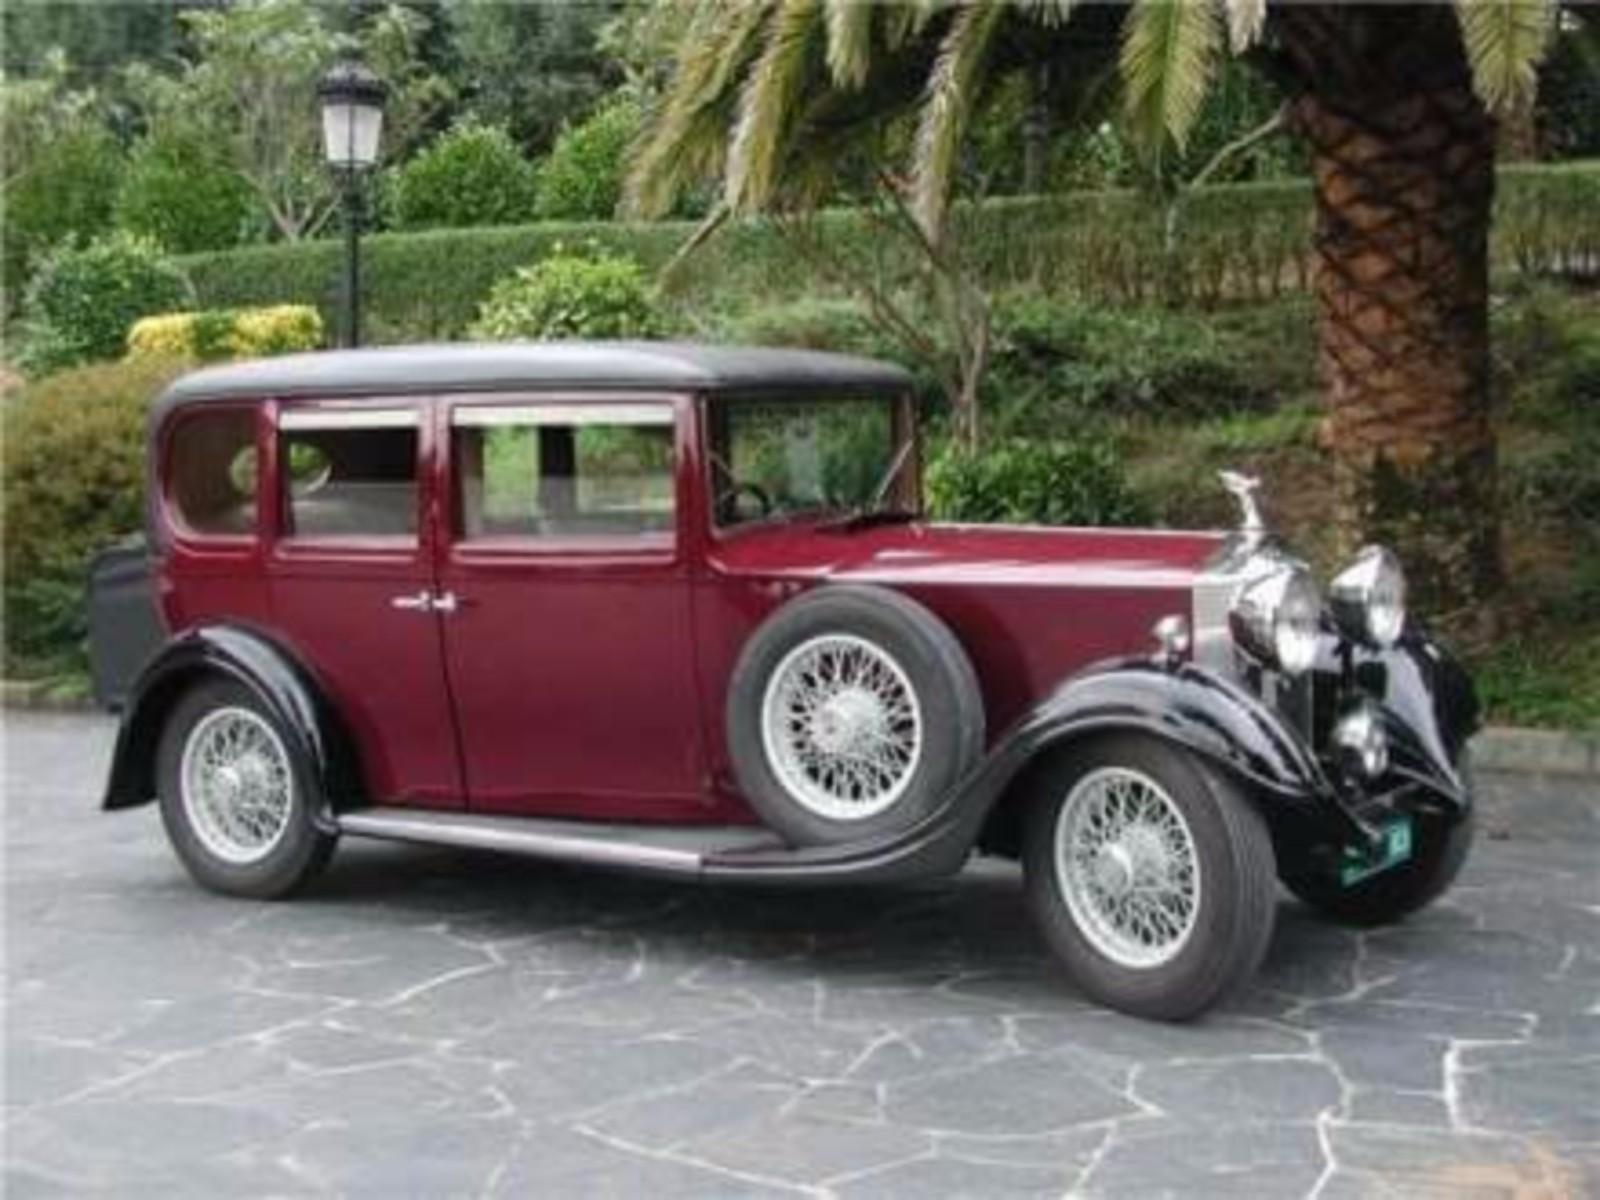 01 - Rolls Royce 1_1